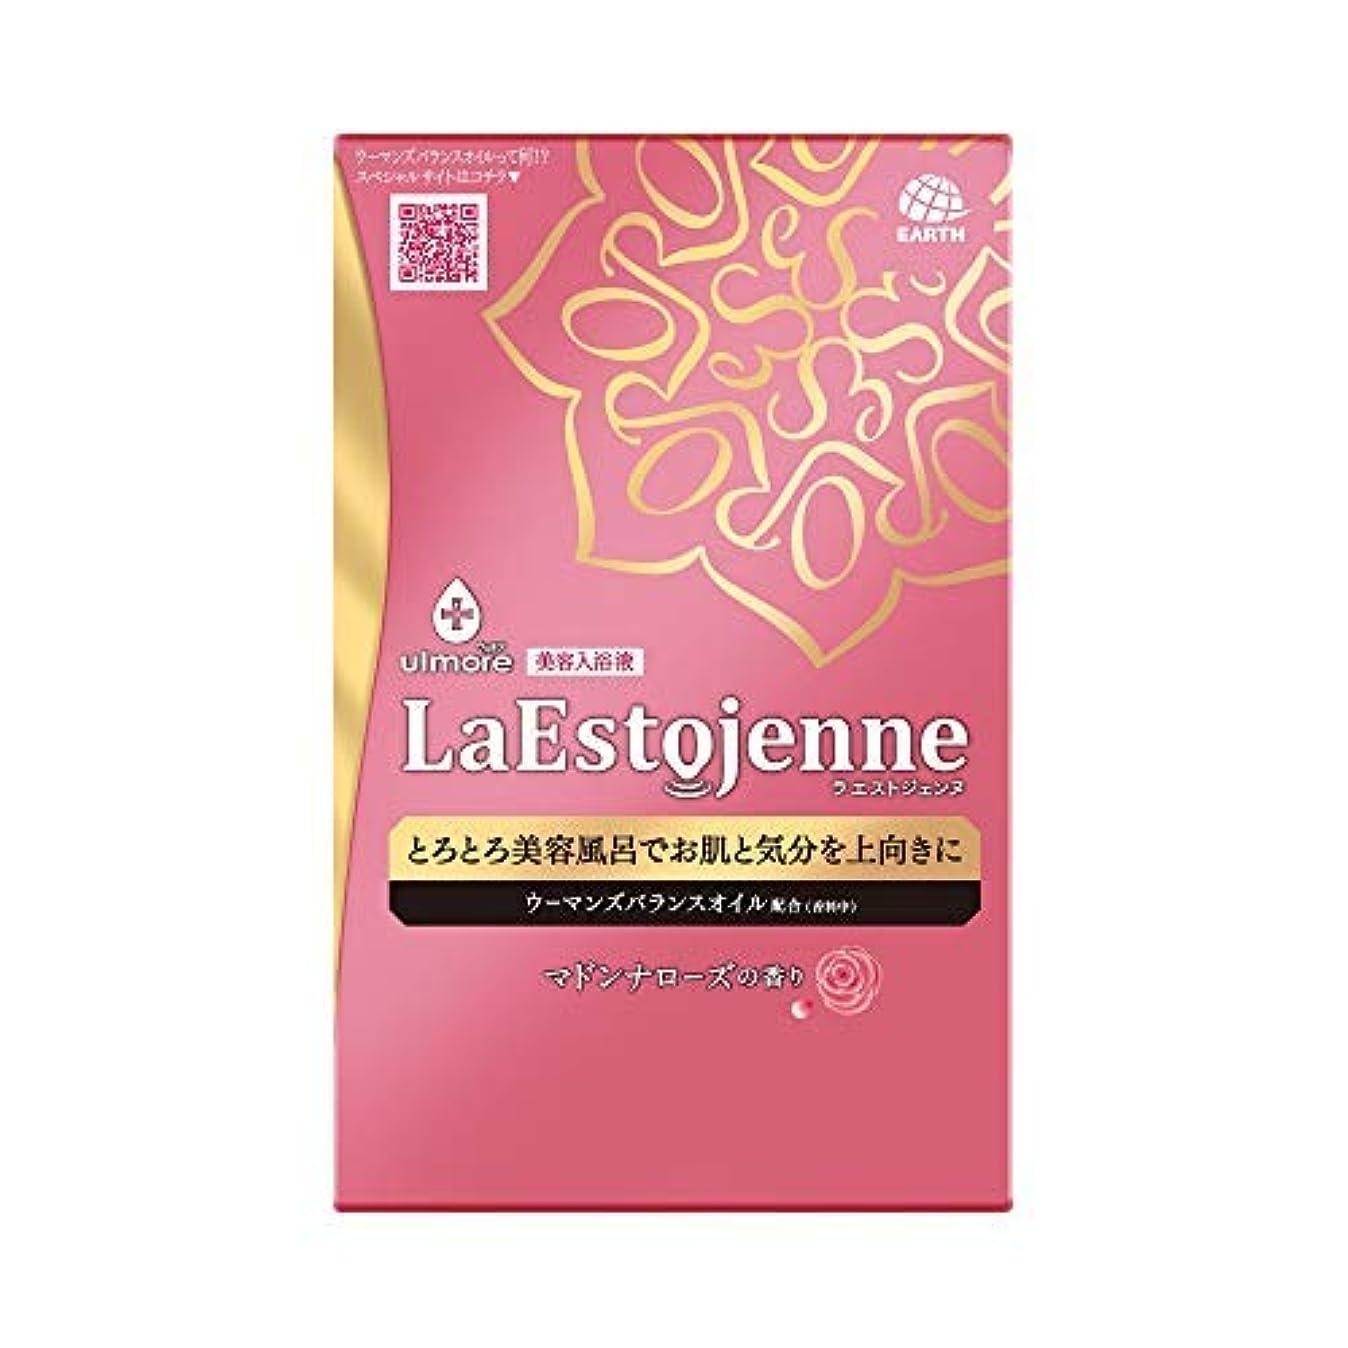 わざわざ欲望固体ウルモア ラエストジェンヌ マドンナローズの香り 3包入り × 6個セット